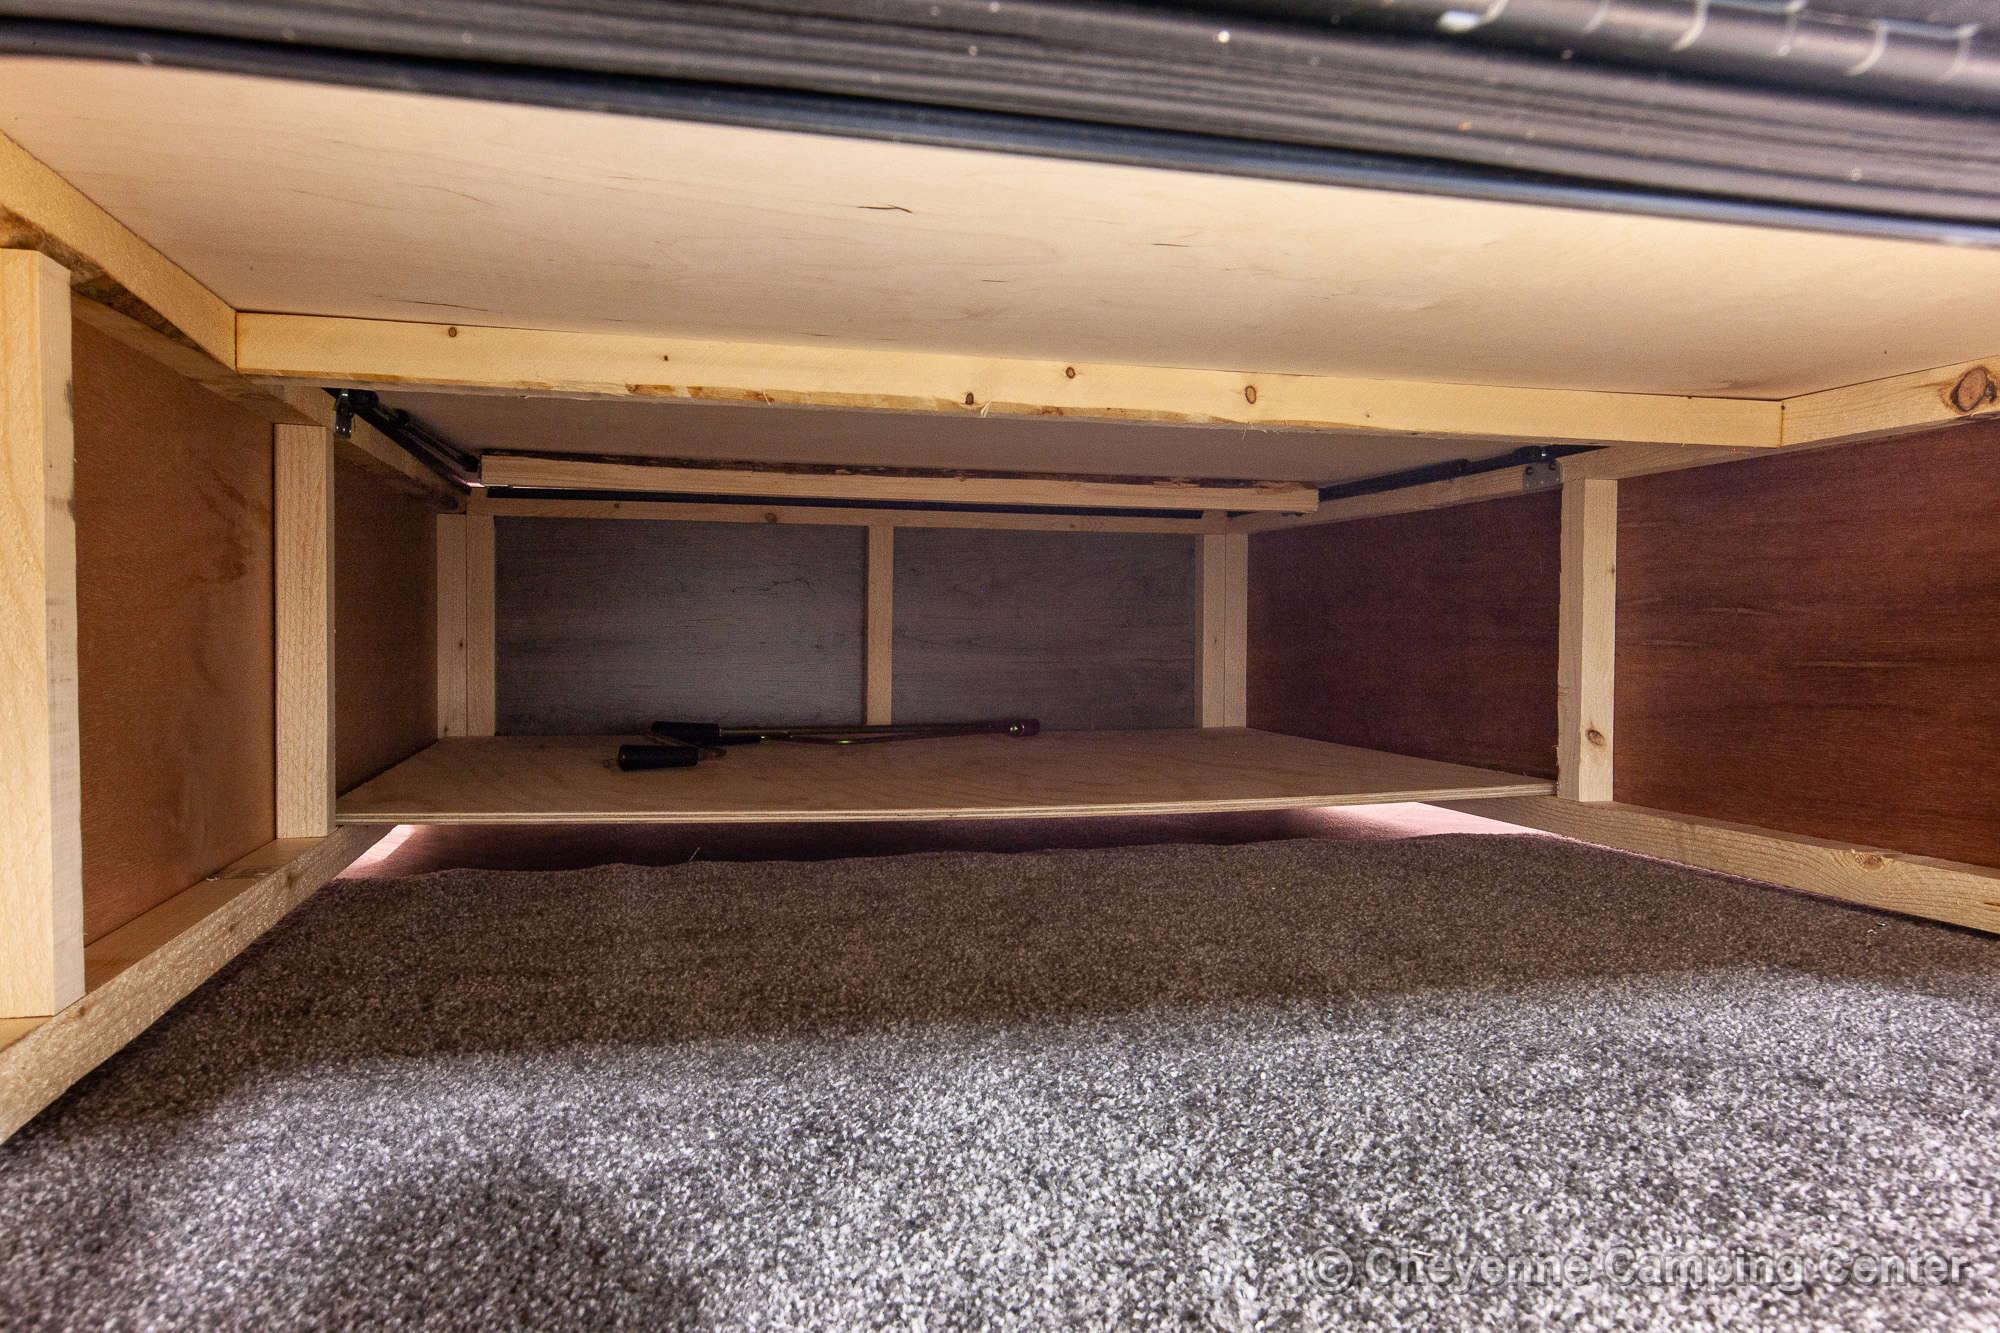 2021 Palomino Puma 32RBFQ Bunkhouse Travel Trailer Exterior Image